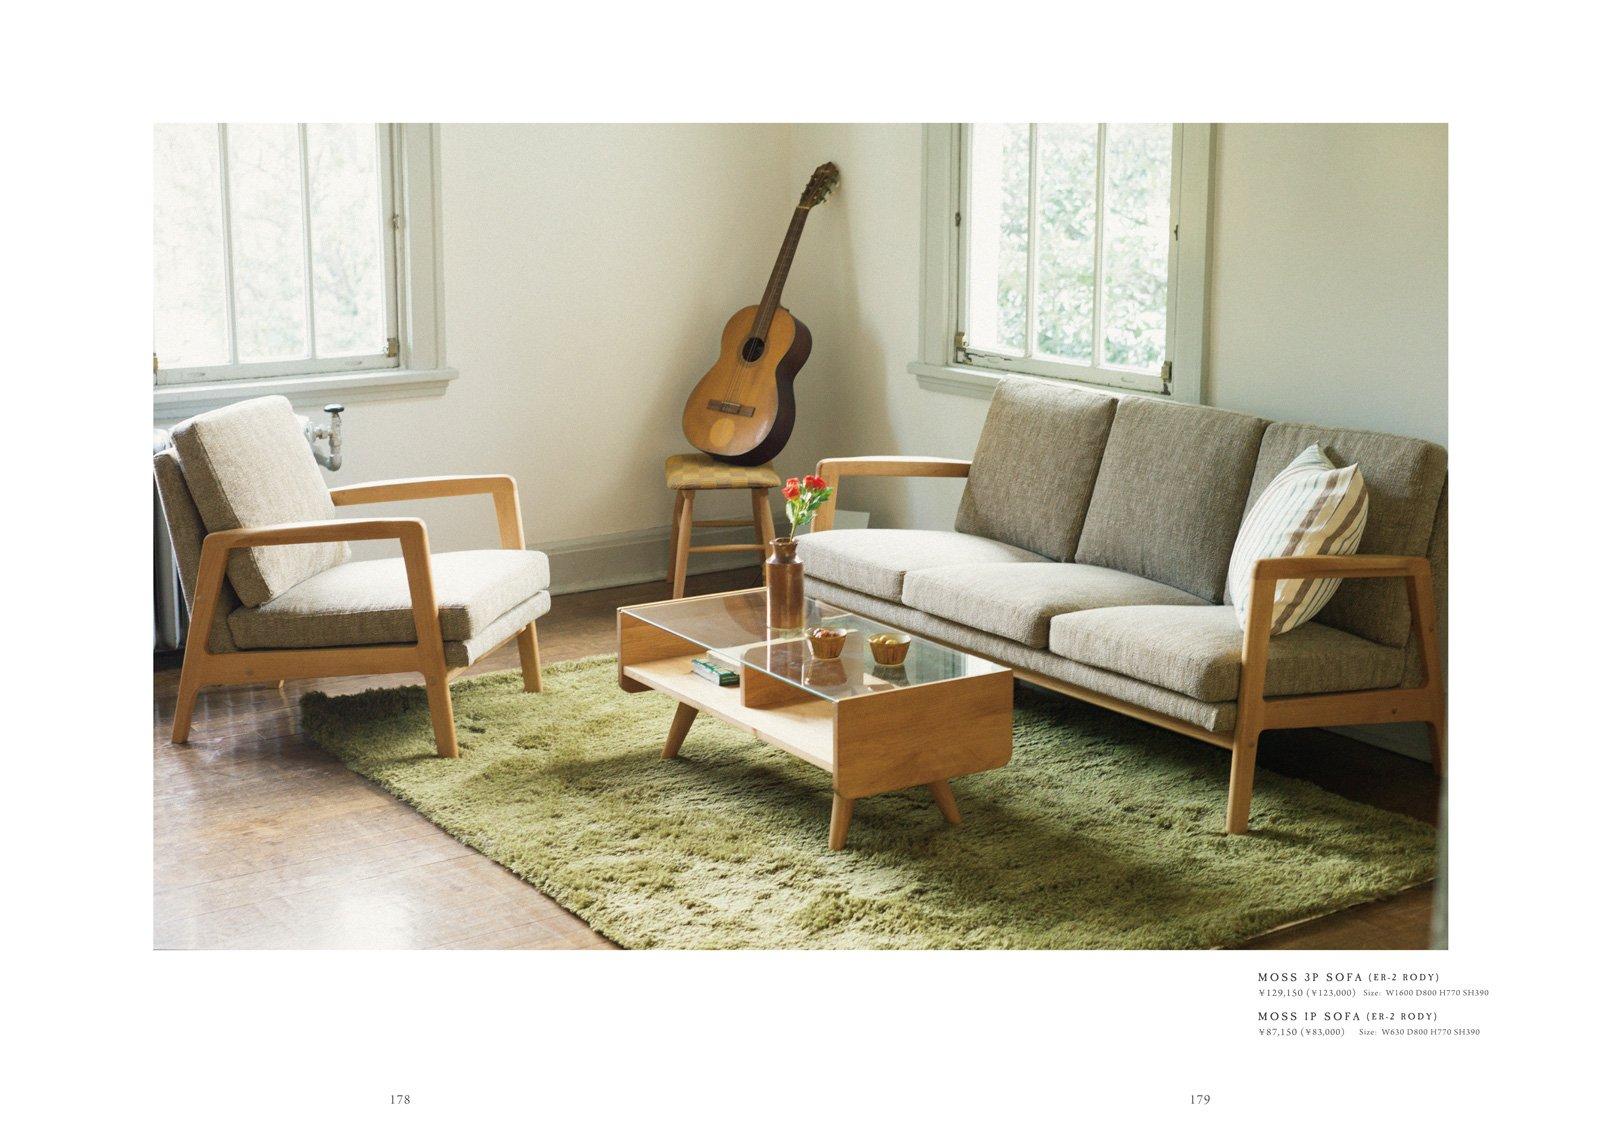 NATURAL &CHIC 「モモナチュラルの家具&ソファブック」 (Momo ...